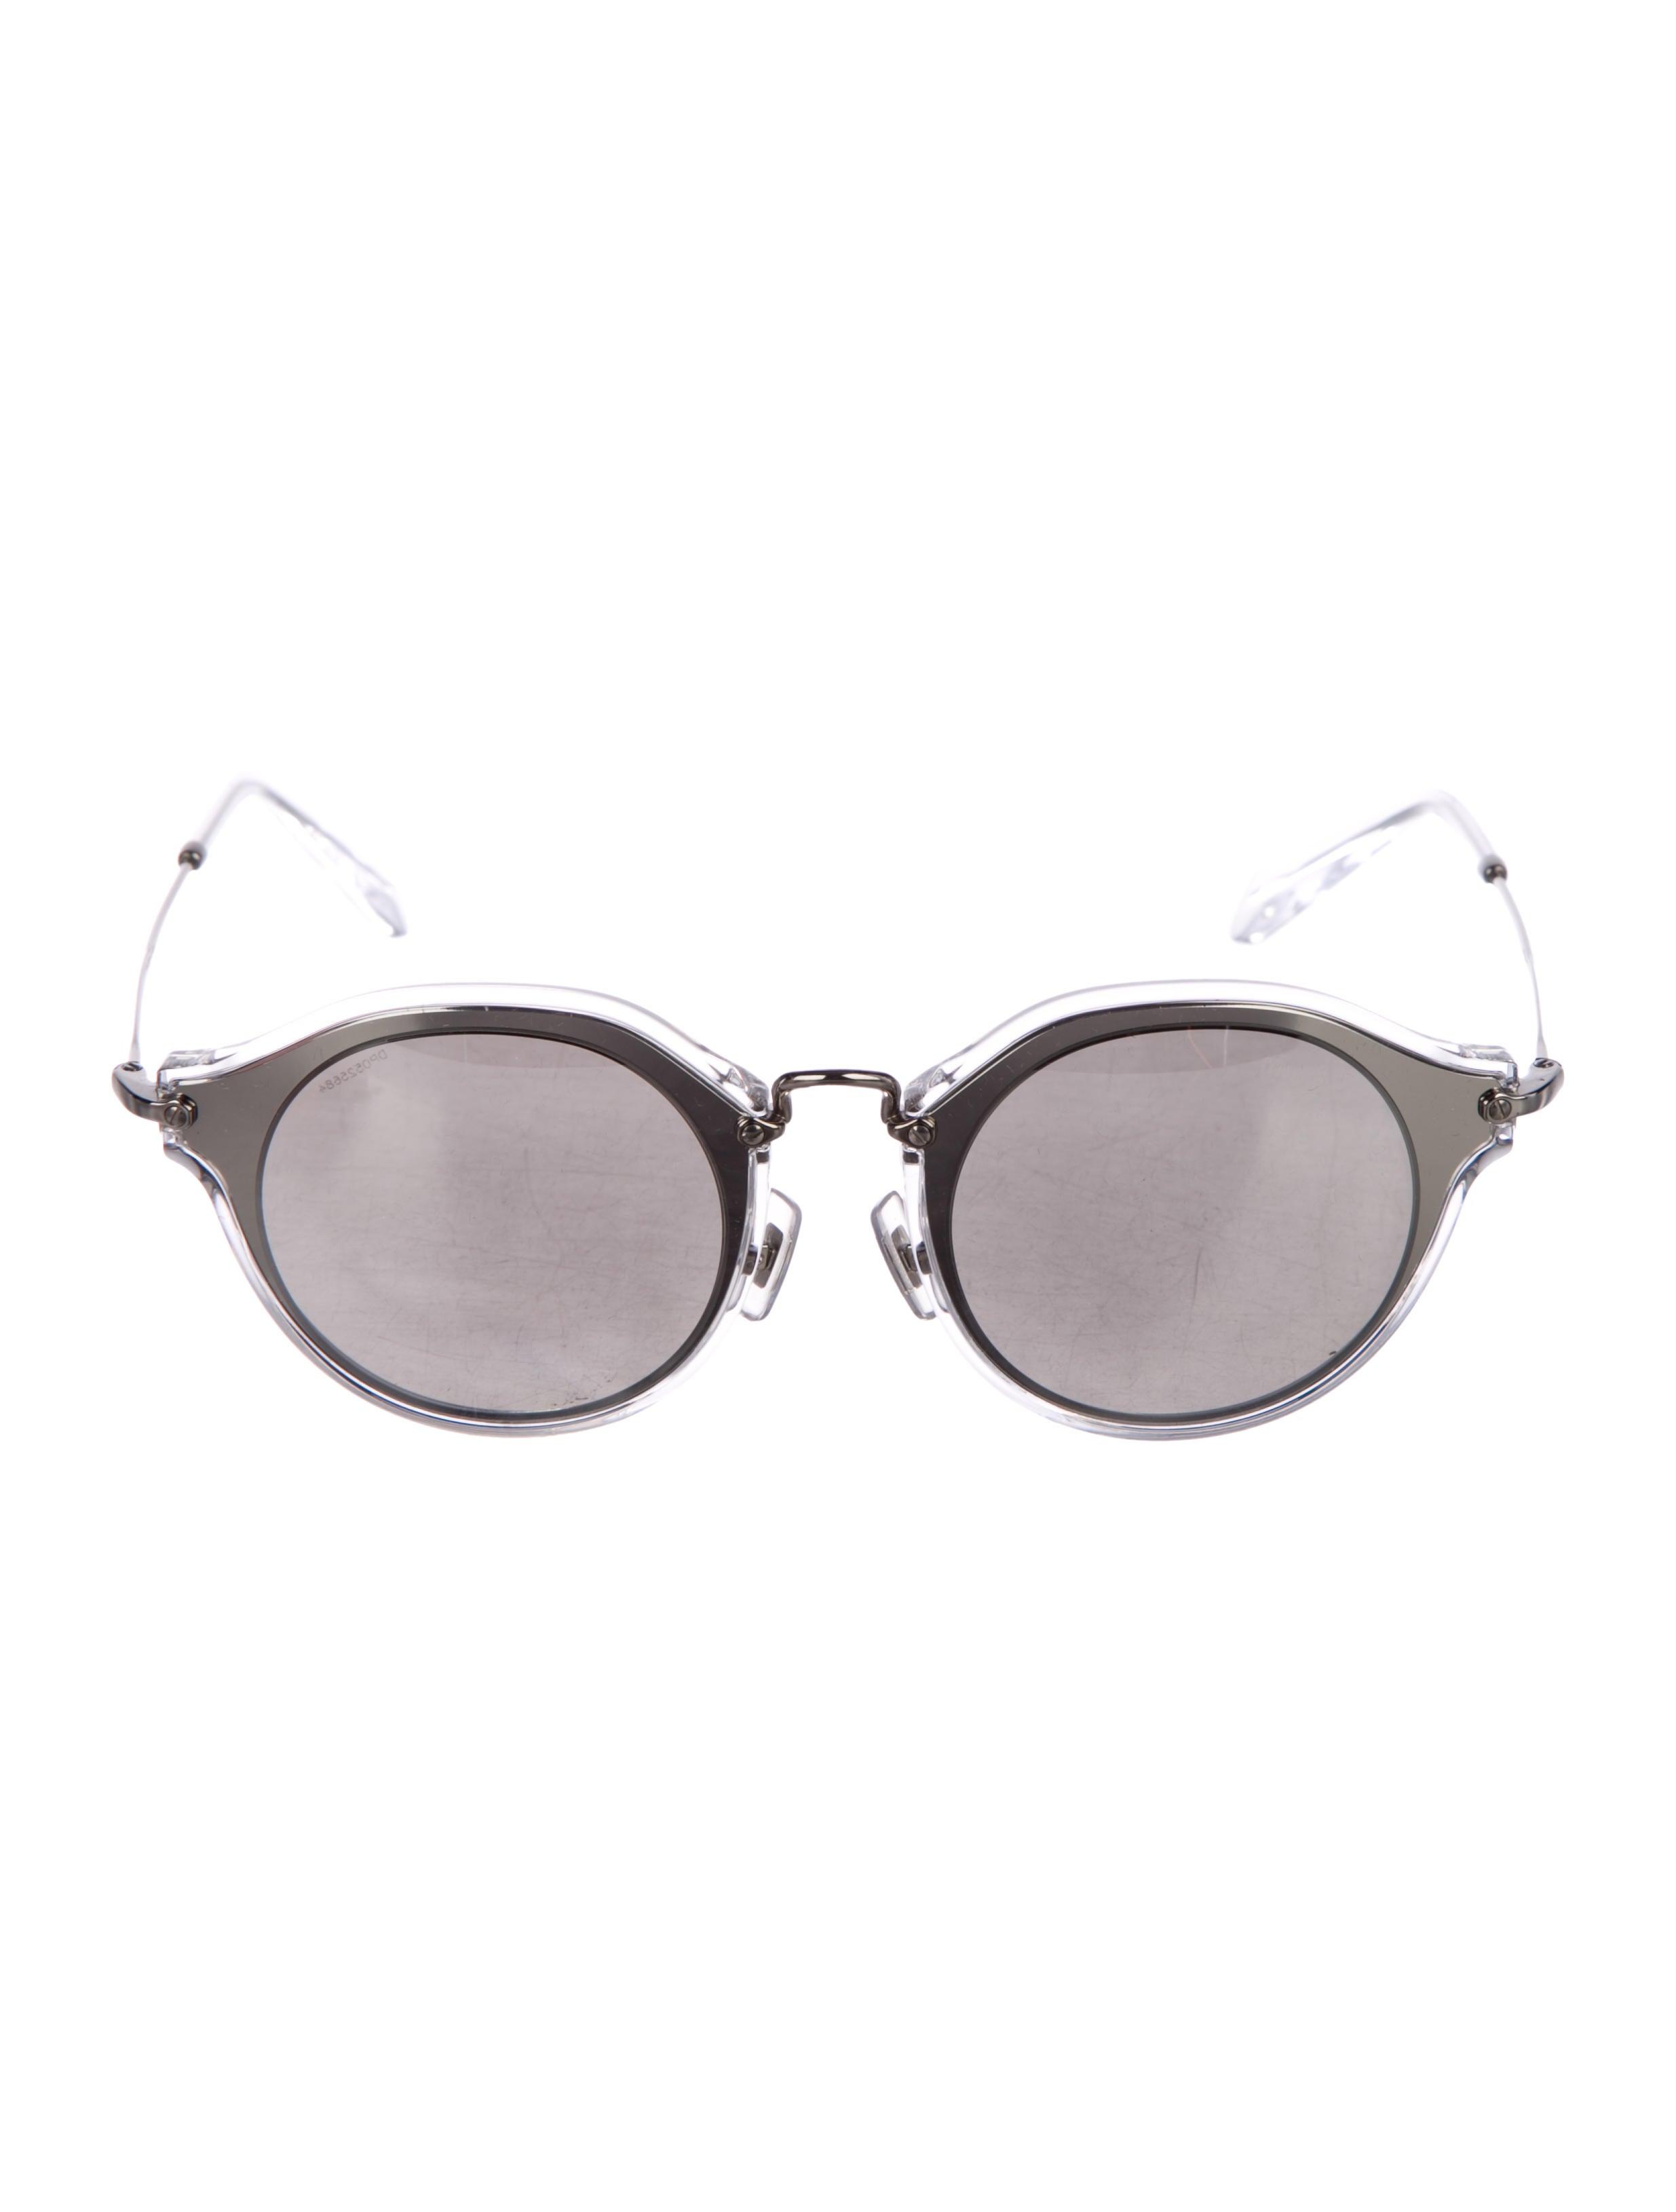 61d4f347f5c7 Miu Miu Noir Evolution Mirrored Sunglasses w  Tags - Accessories ...